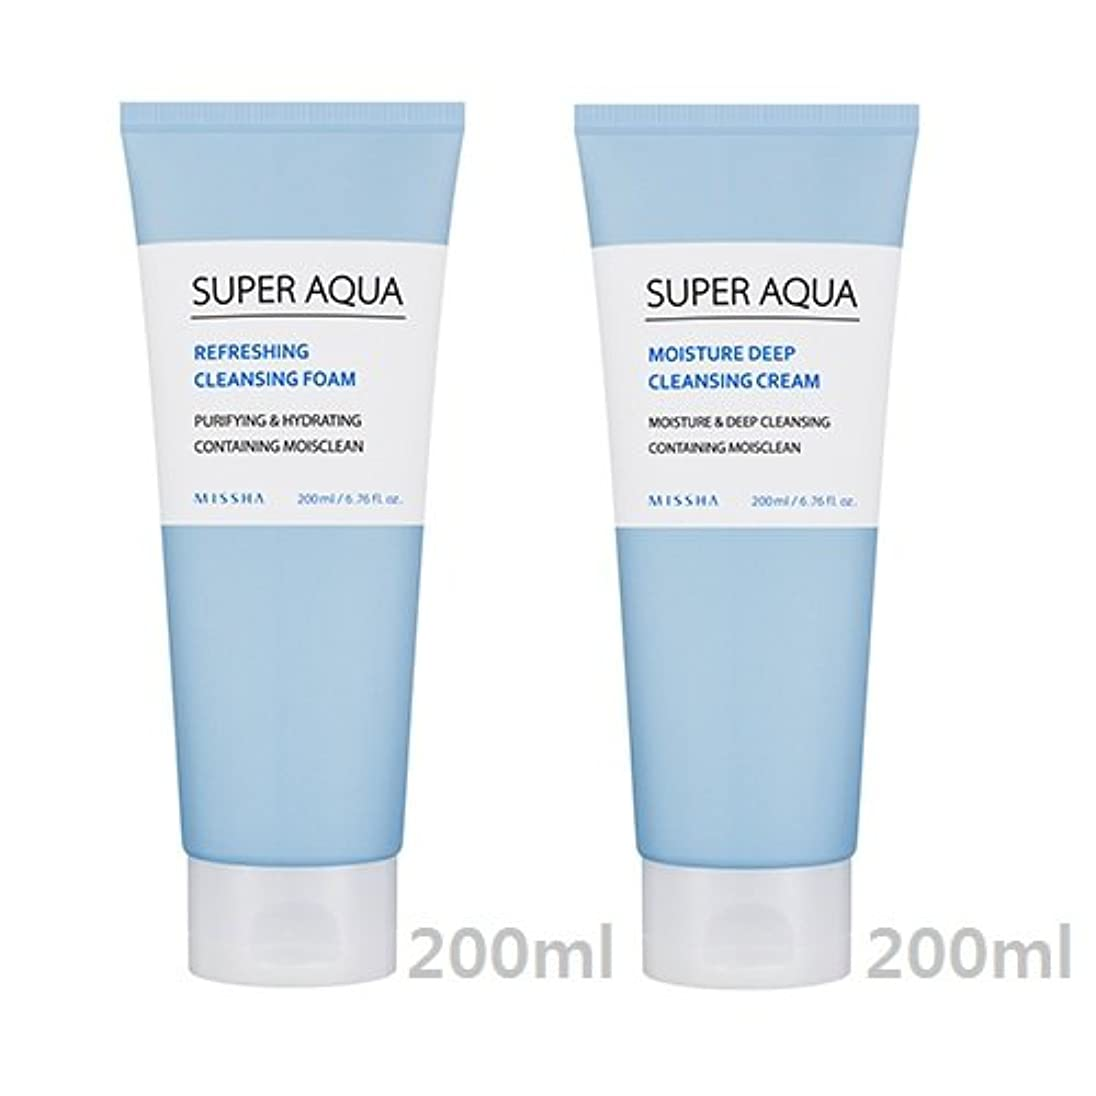 タック戦艦余計な[1+1] MISSHA Super Aqua Cleansing Cream + Foam/ミシャ スーパー アクア クレンジング クリーム + フォーム [並行輸入品]